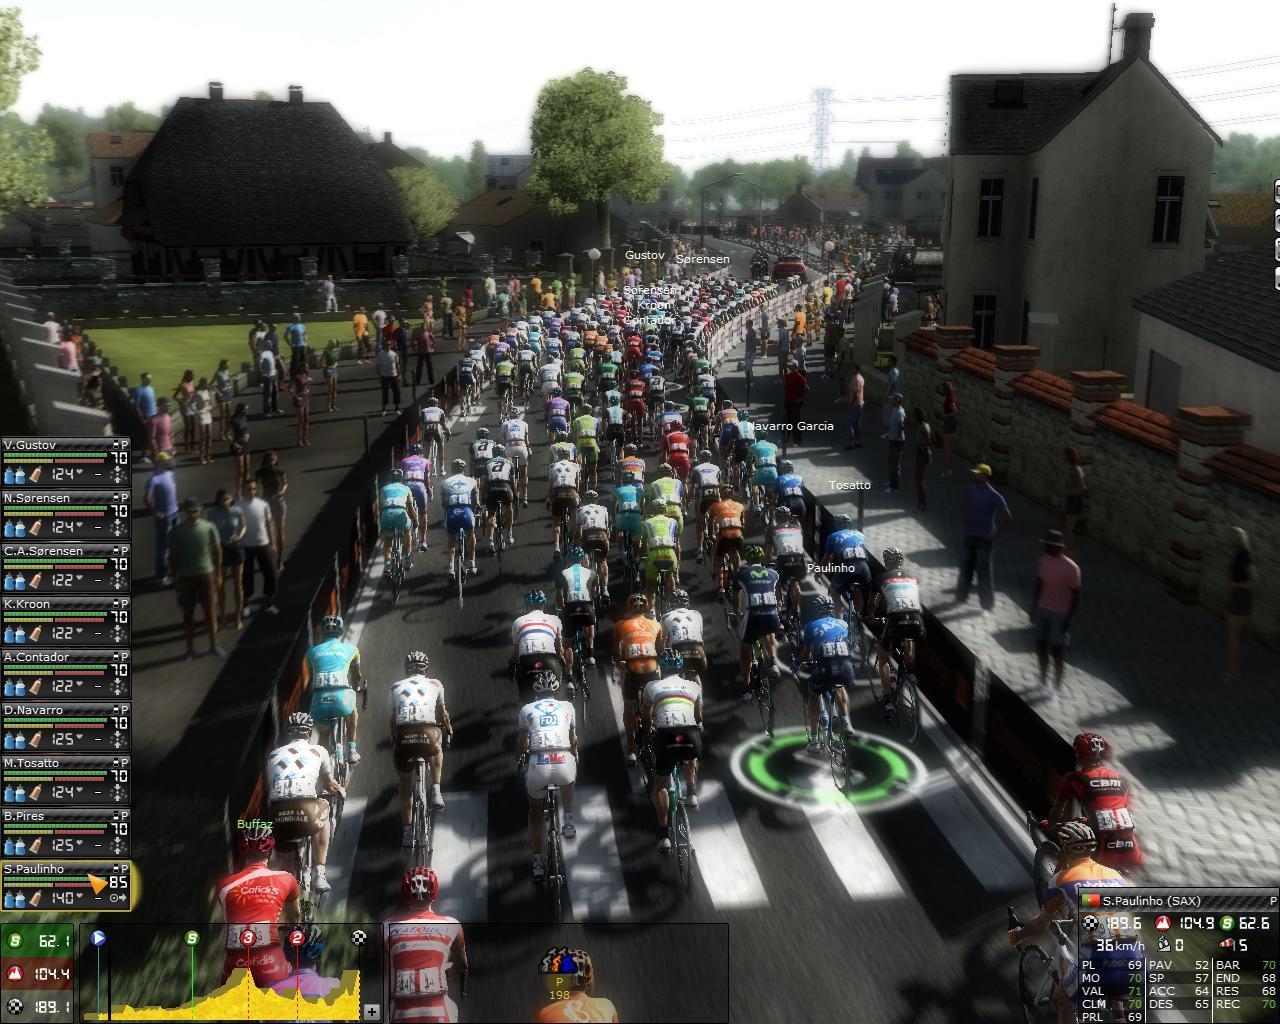 jeuxvideo.com Pro Cycling Manager Saison 2012 - PC Image 27 sur 83